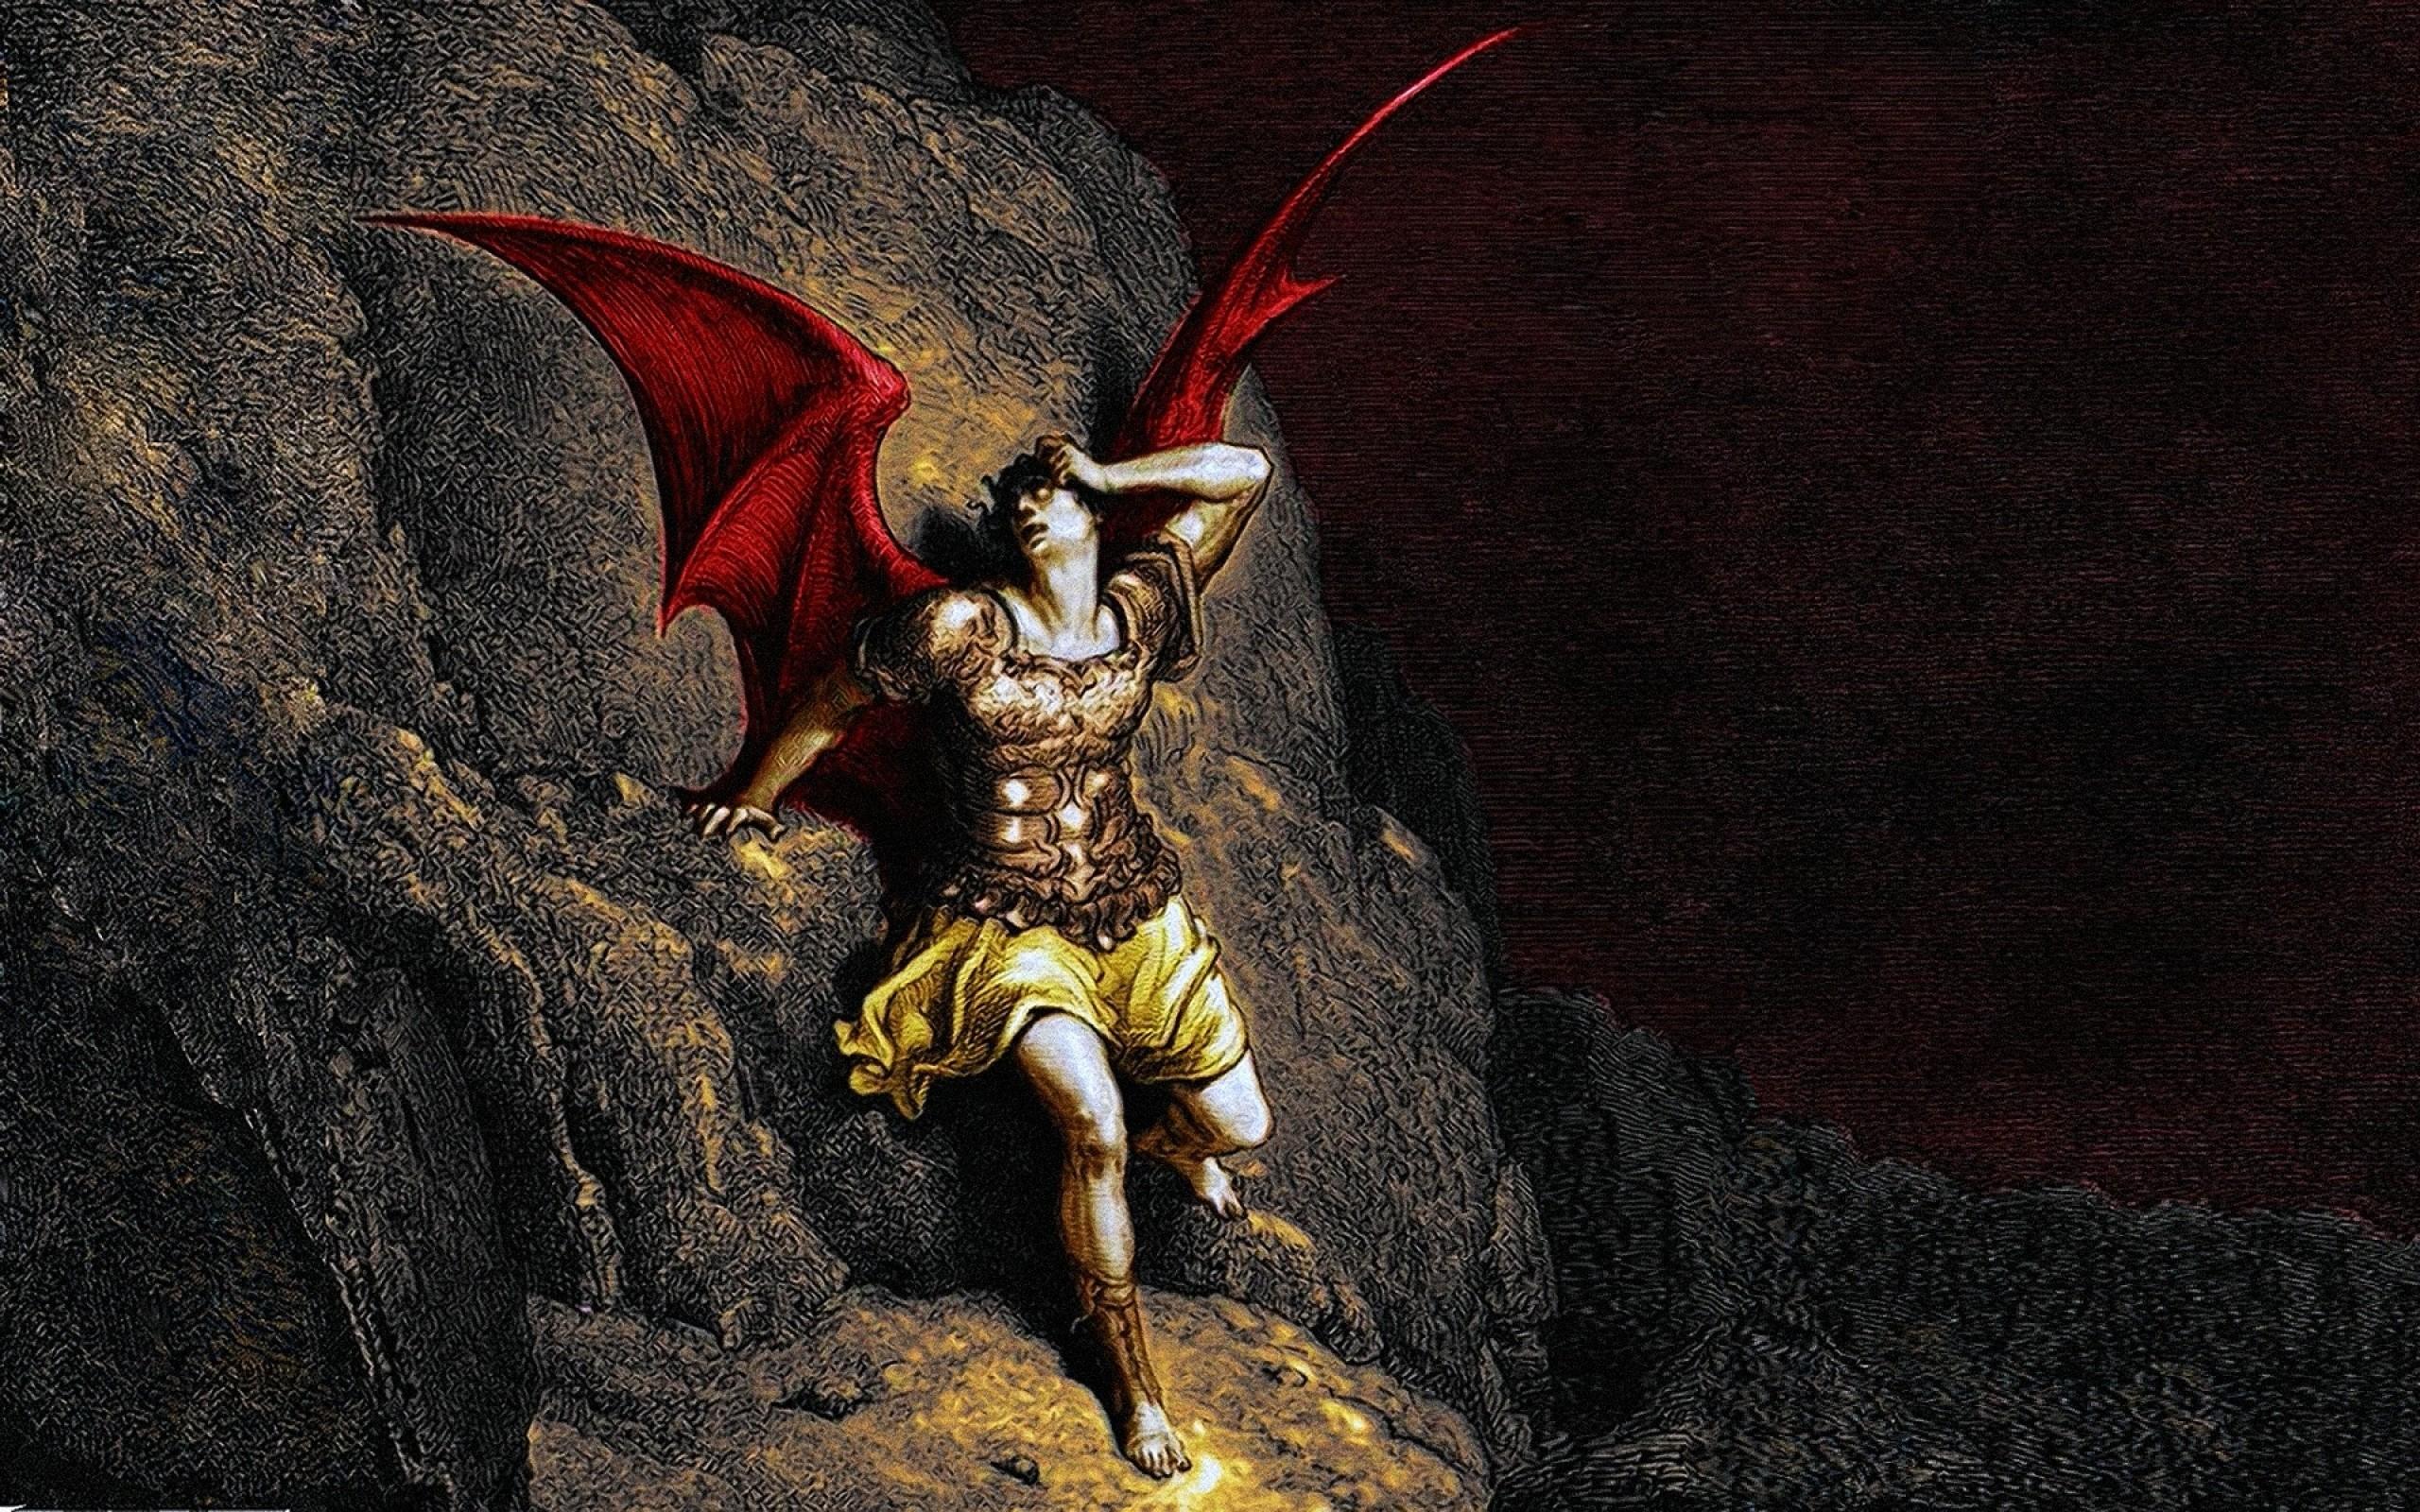 fallen angel fire demons hell heaven satan demonic lucifer satanic Art HD  Wallpaper